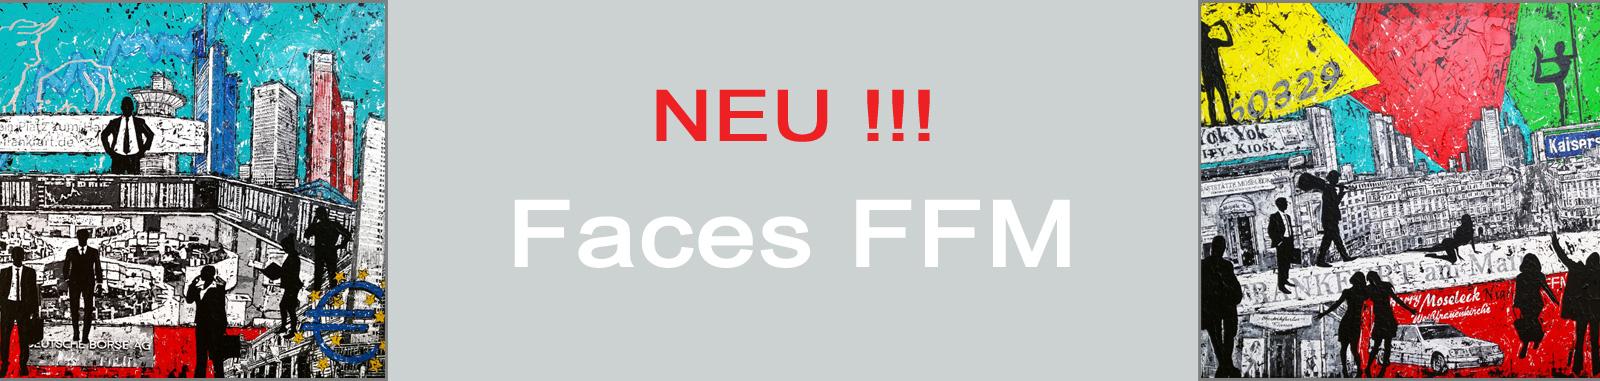 Faces FFM